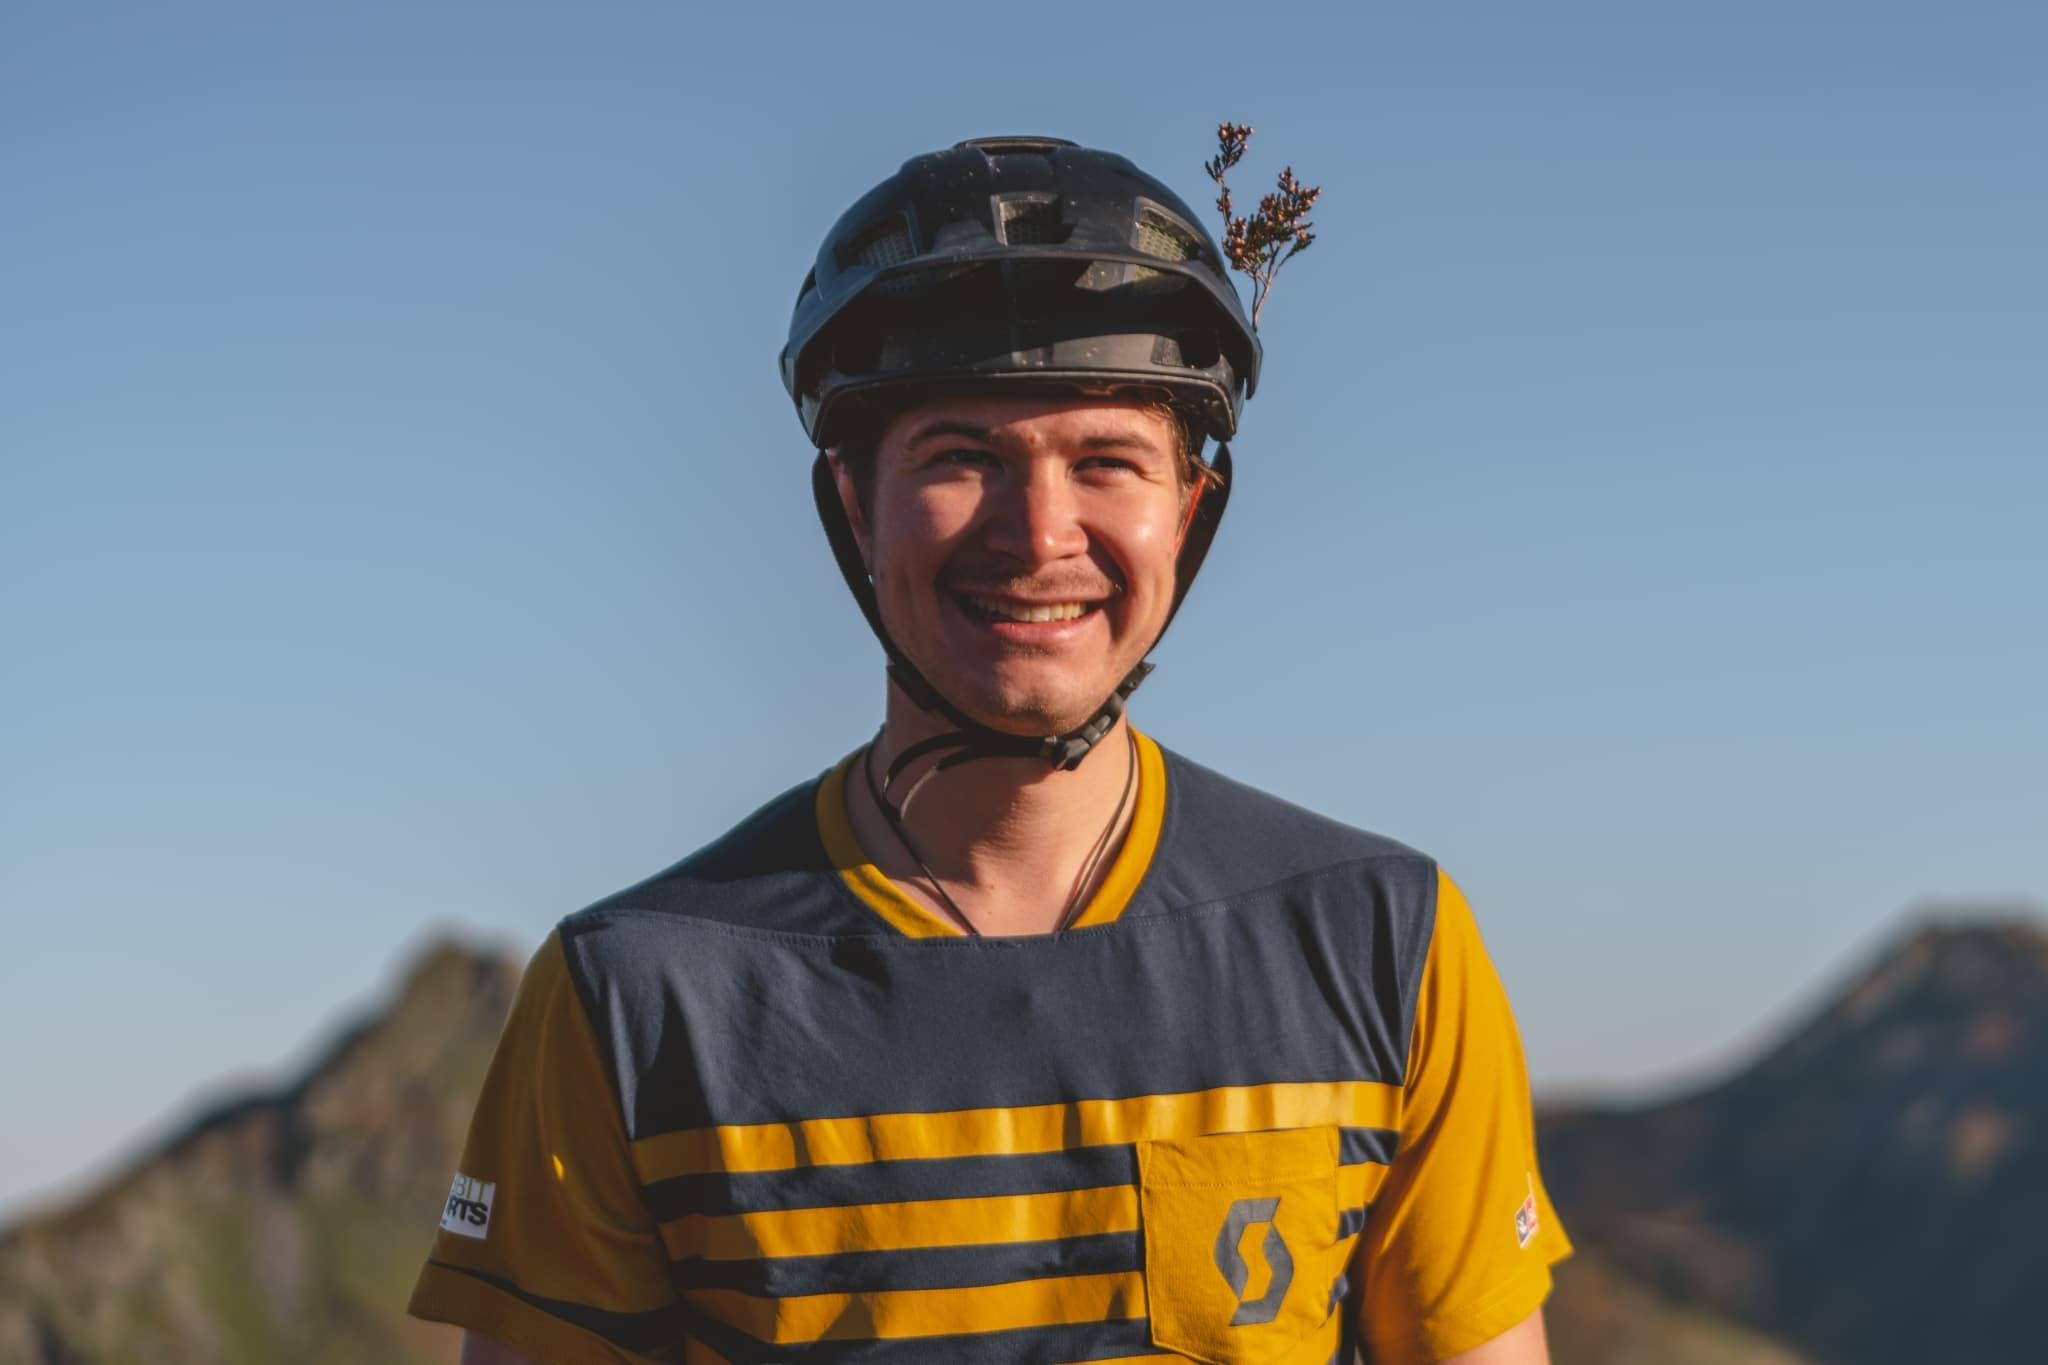 Junger Mann mit Fahrradhelm grinst in Kamera